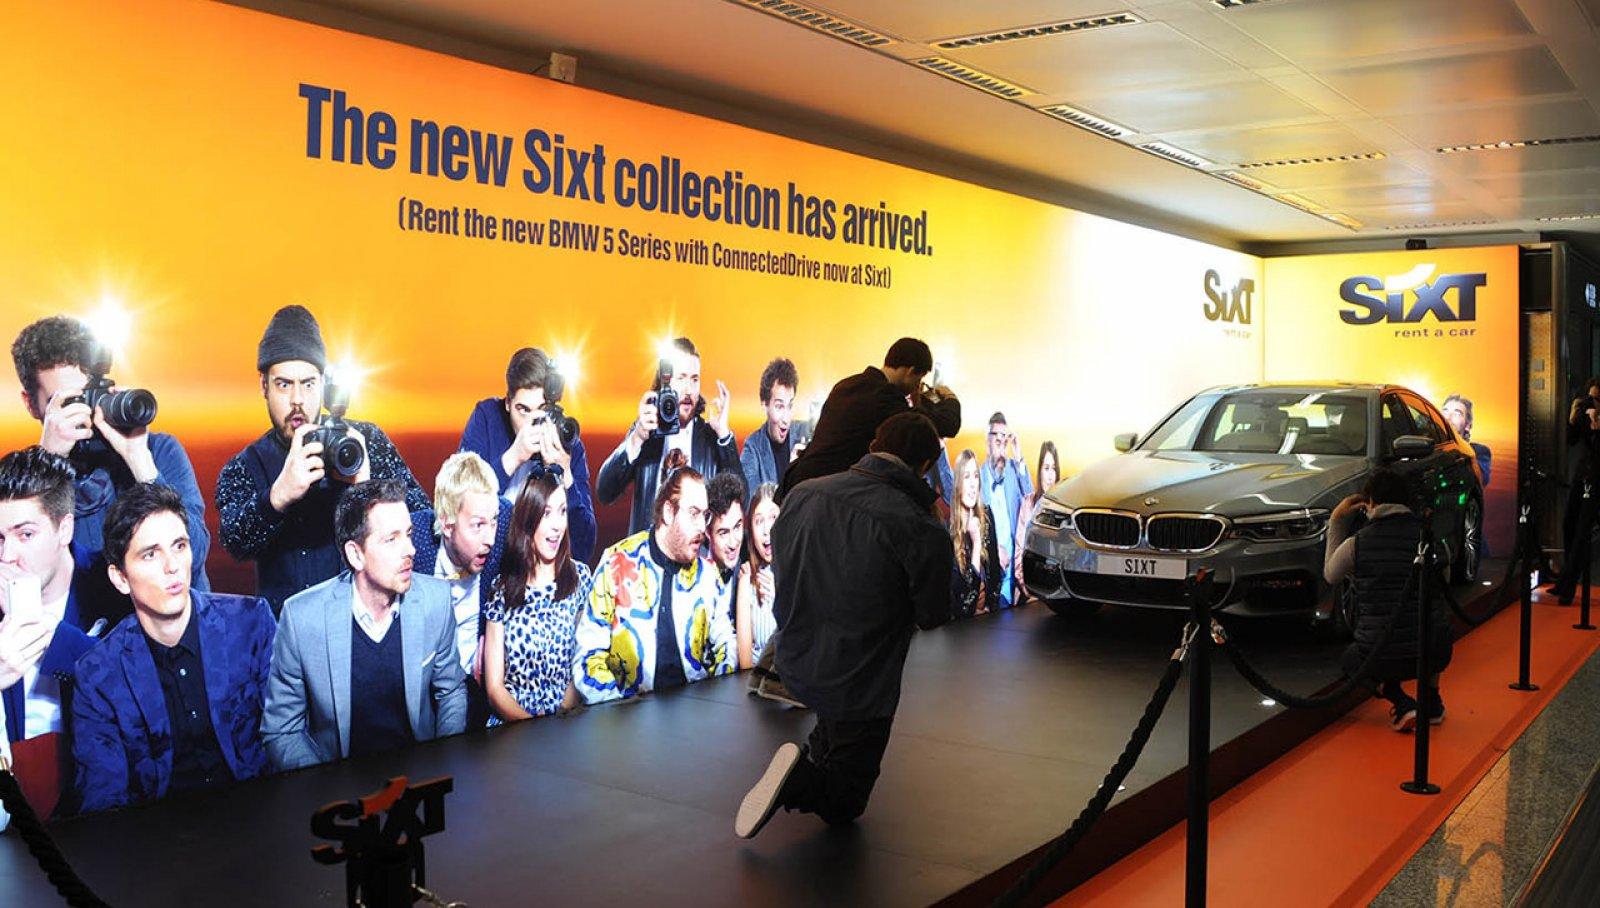 Pubblicità aeroporto Malpensa IGPDecaux area espositiva per Sixt